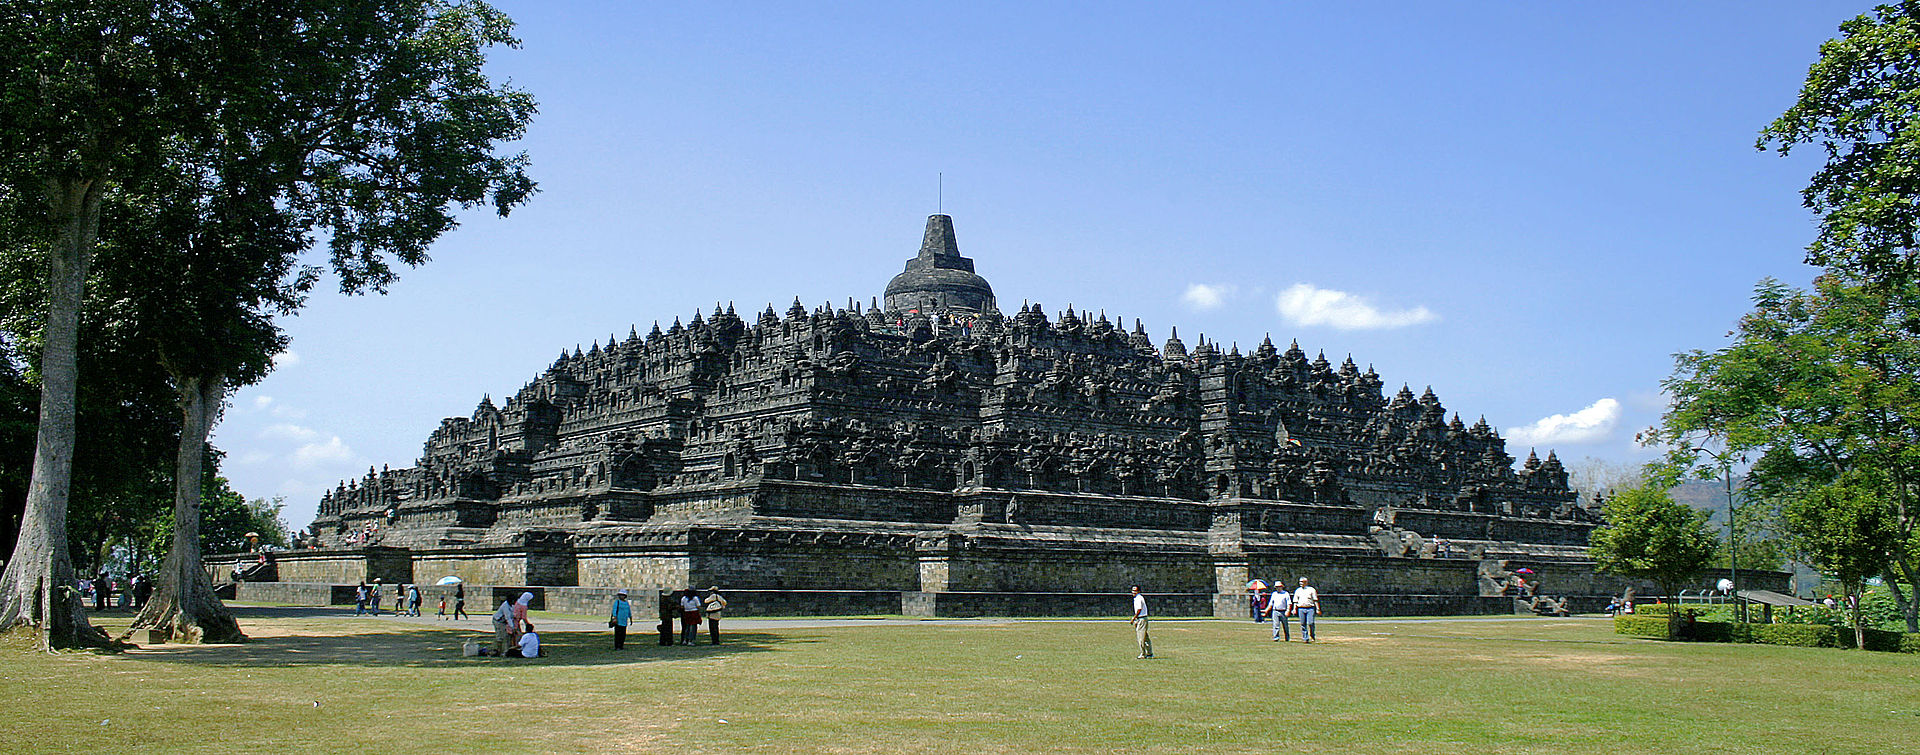 Borobudur Nothwest view - Borobudur Temple - Yogyakarta Tour Packages, YOEXPLORE